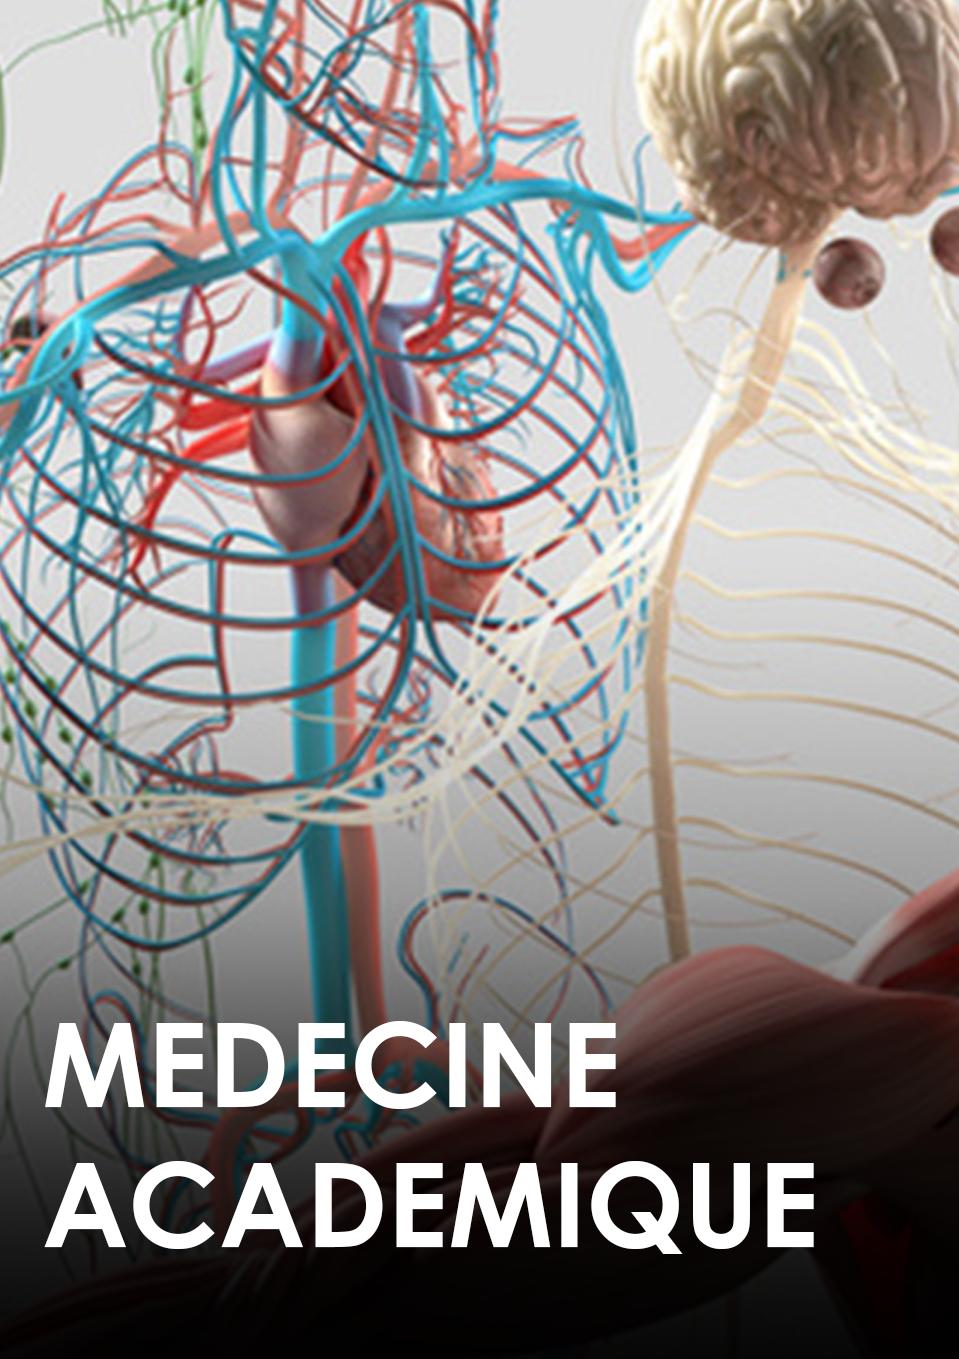 médecine_académique